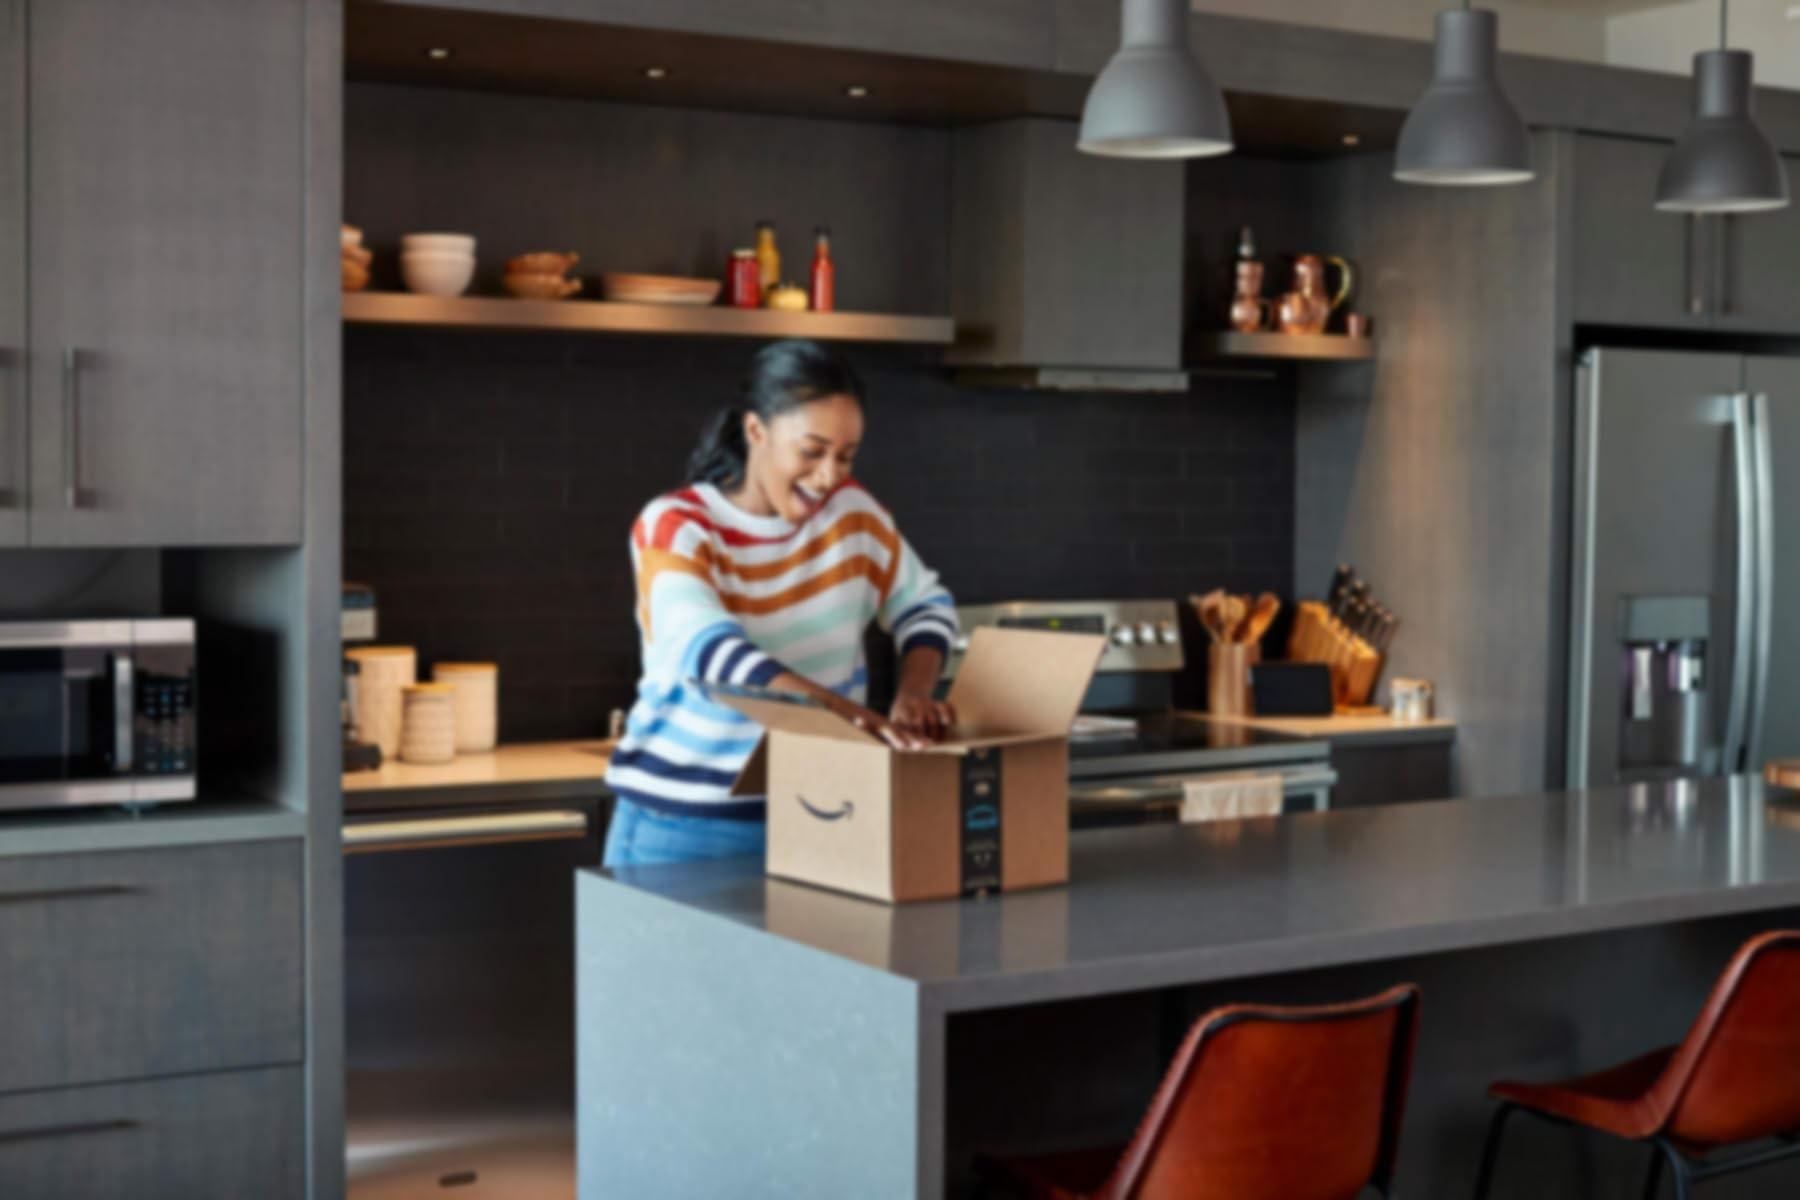 امرأة تفتح طرد Amazon بينما هي في المطبخ.